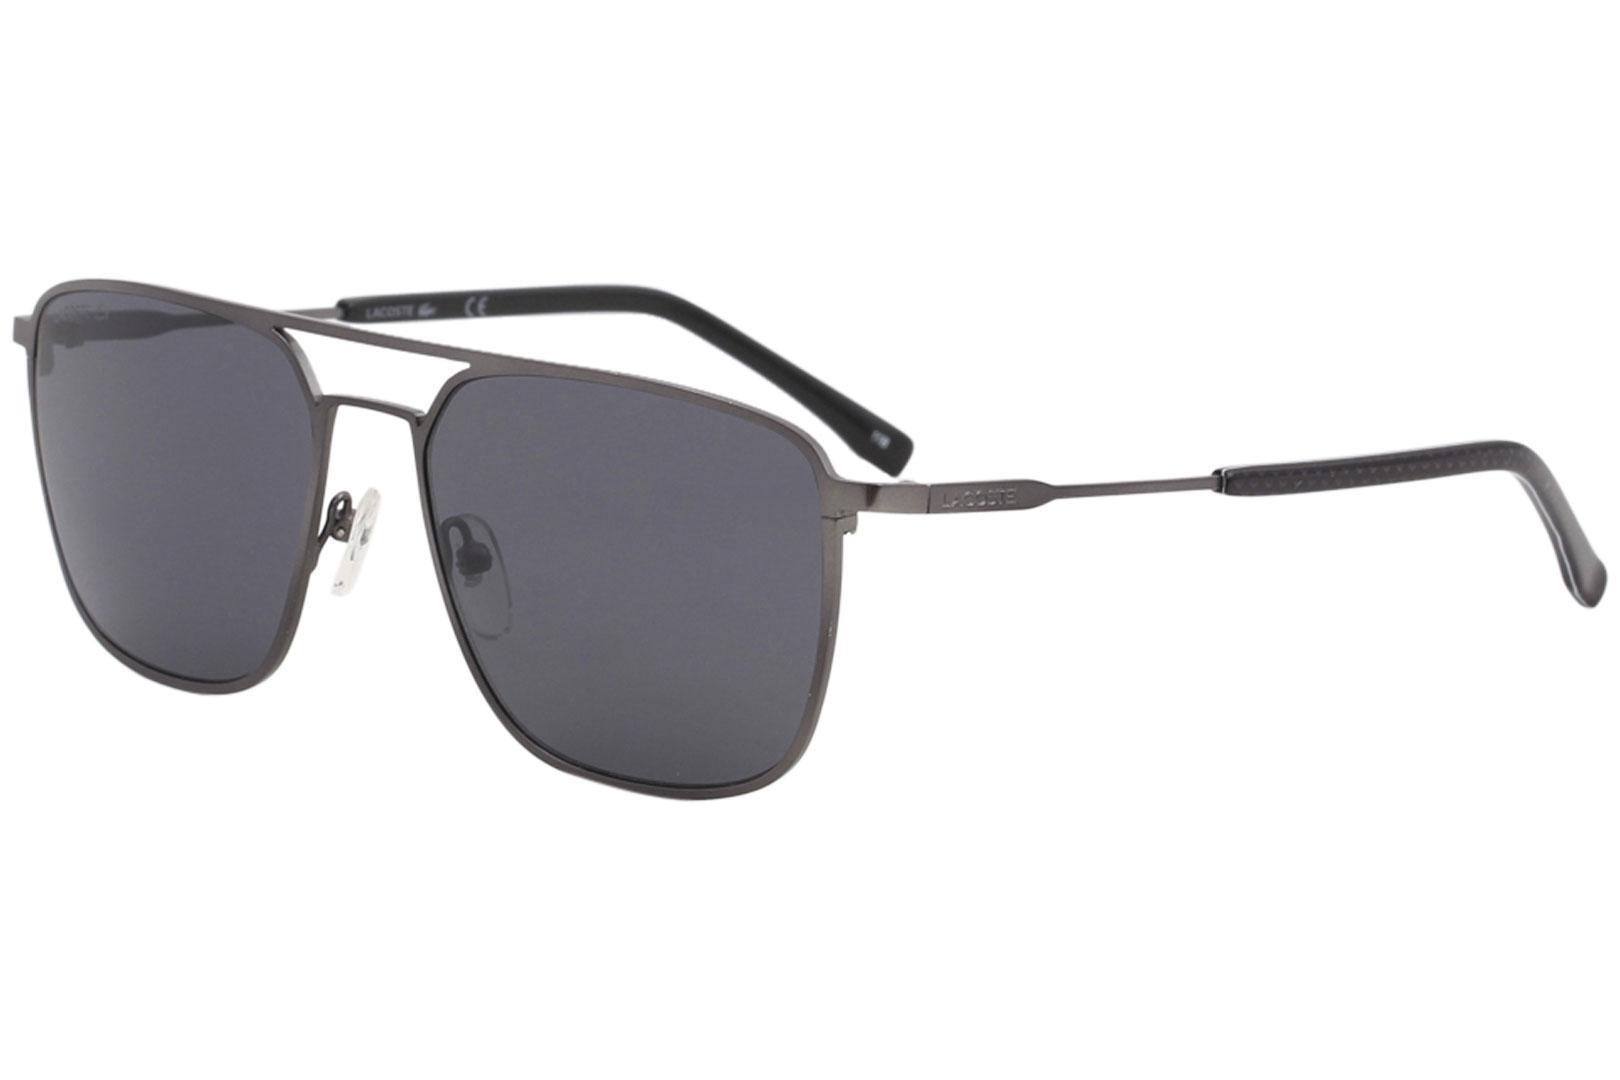 b939d05ffd Lacoste Men s L194S L 194 S Fashion Pilot Sunglasses